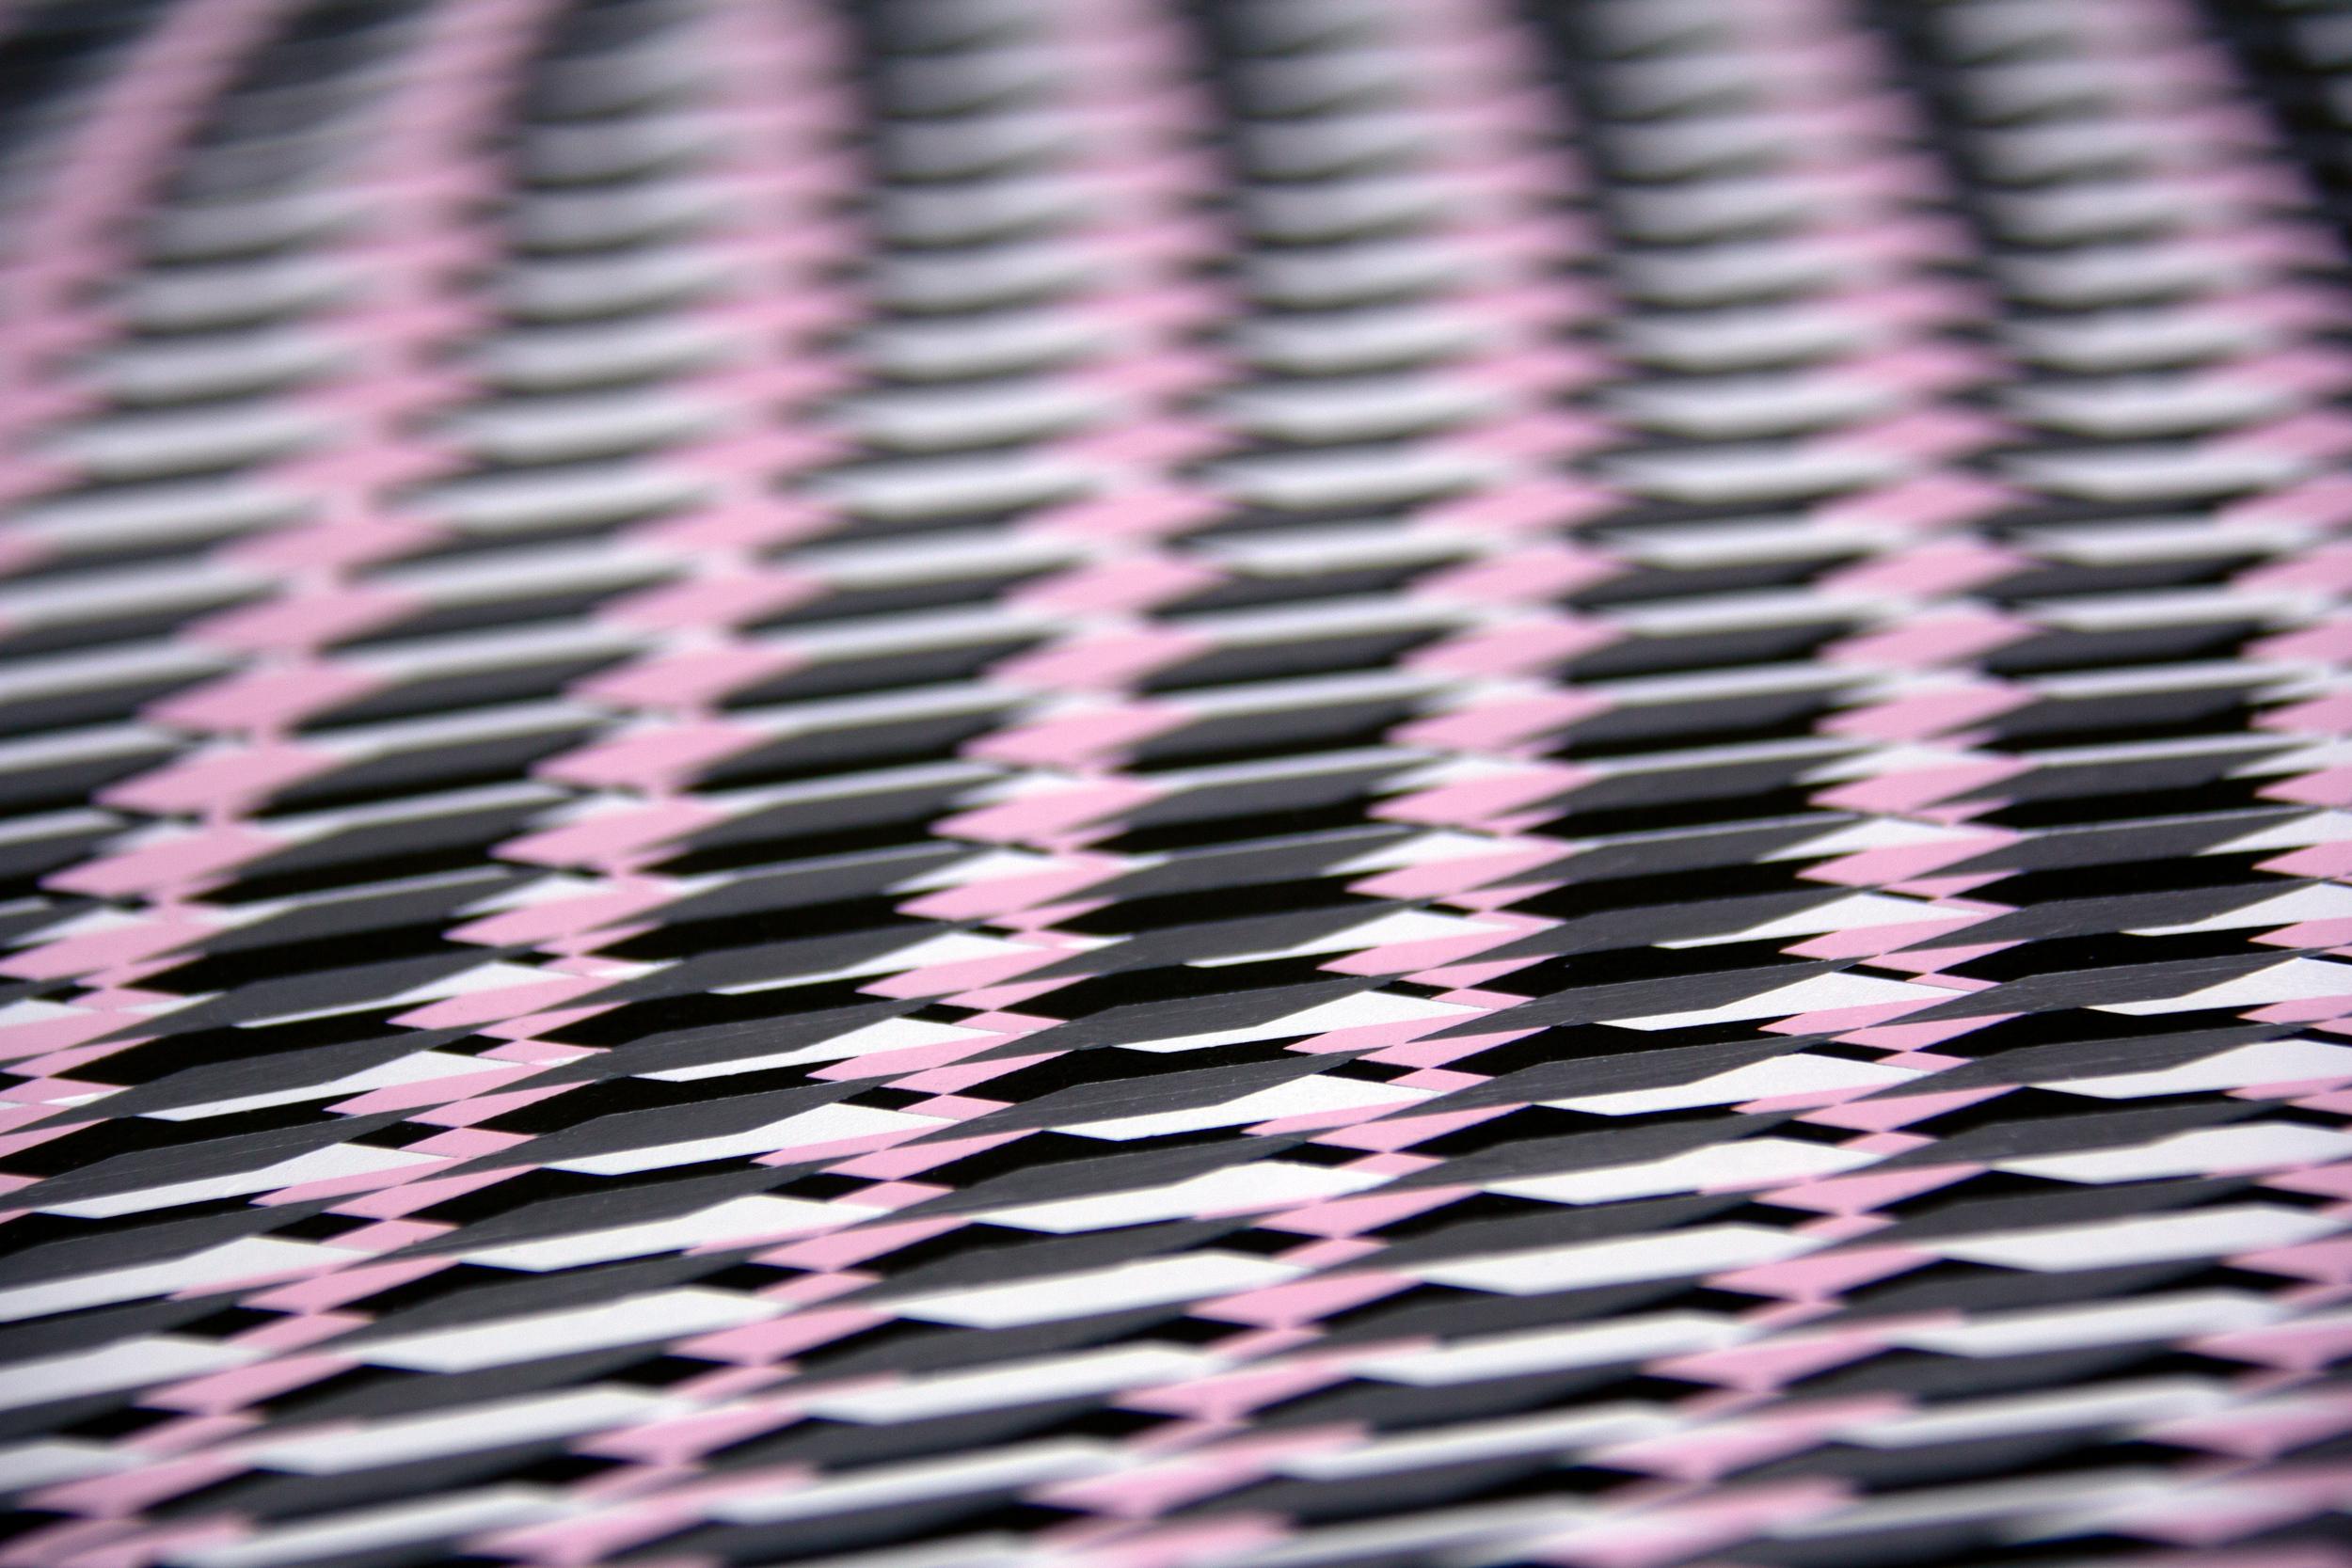 Python-pink_detail_7695_web.jpg